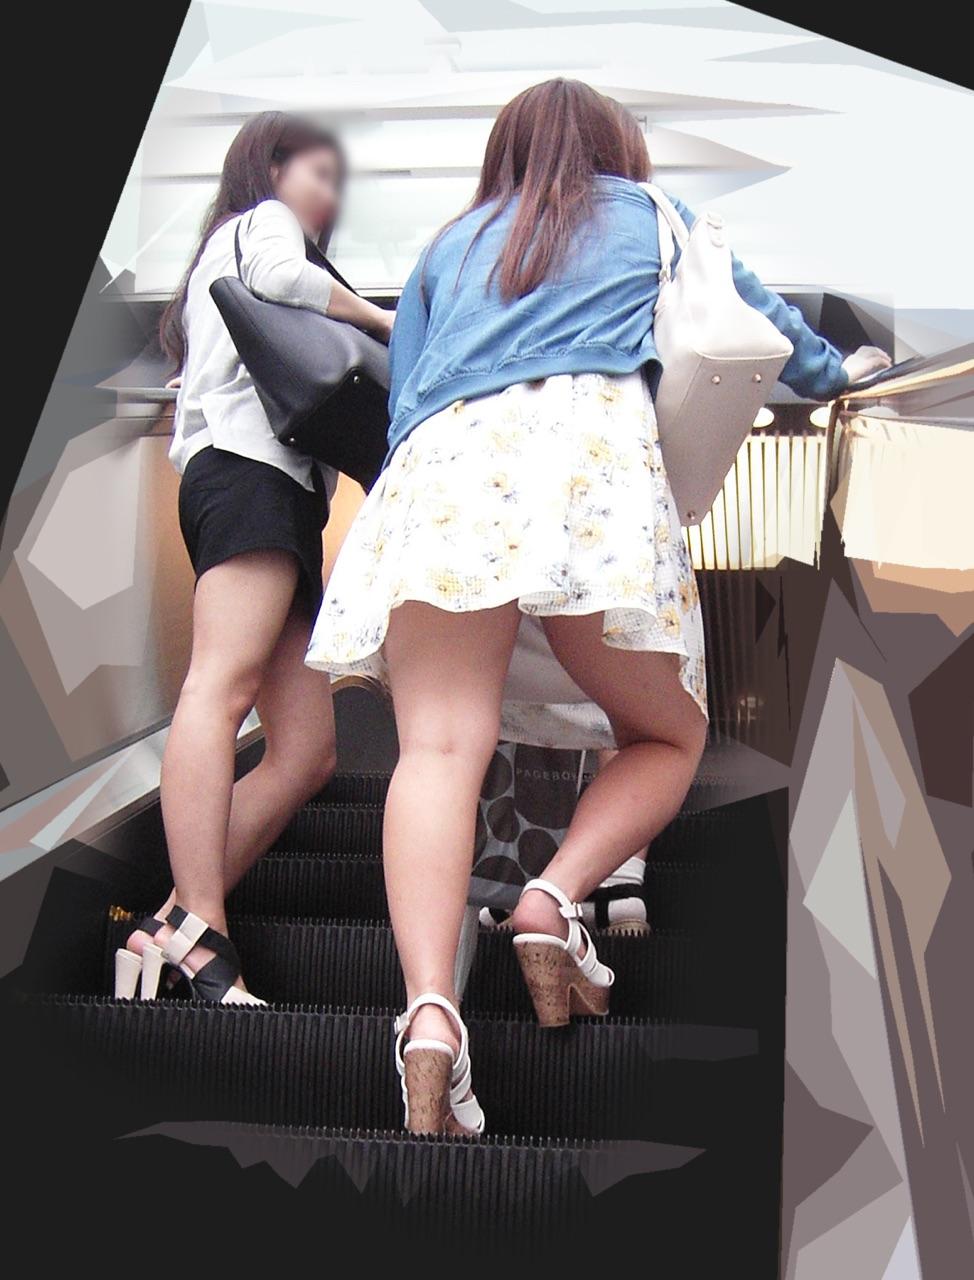 【美脚エロ画像】街中どこでも見られるけど見入っちゃうwフェチ歓喜のミニスカ美脚www 12